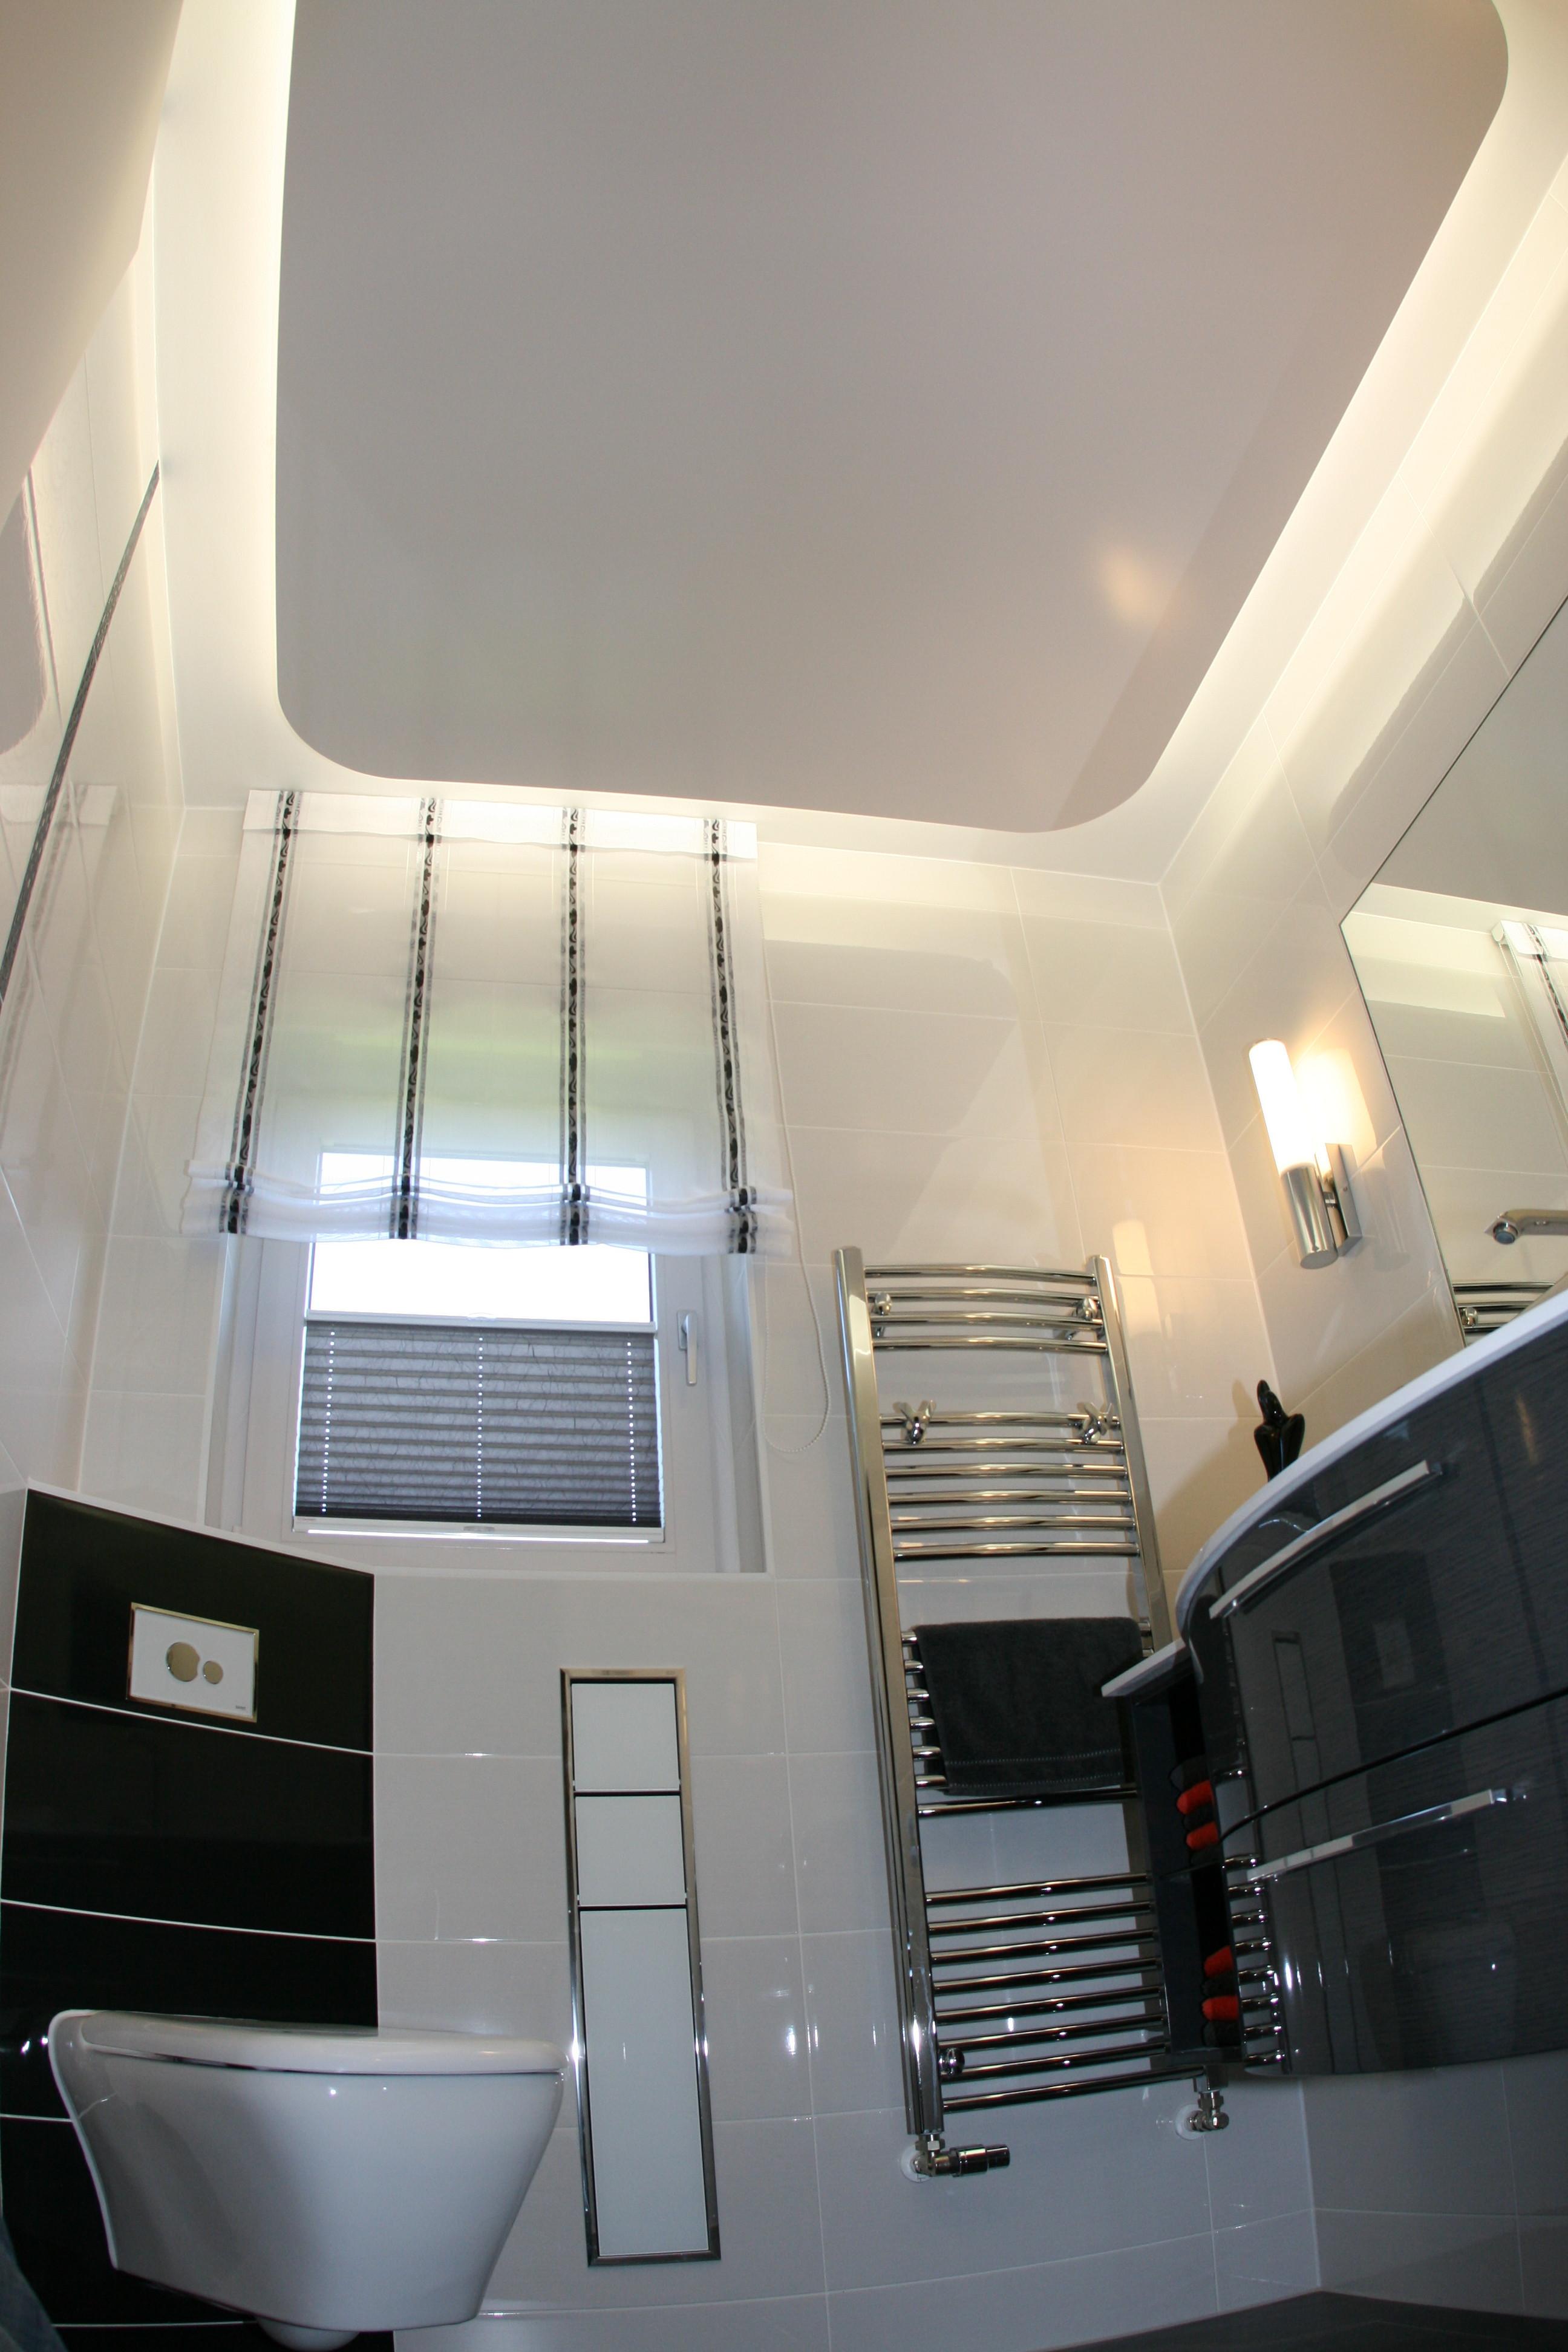 bad trends lehof bad lehof bad. Black Bedroom Furniture Sets. Home Design Ideas